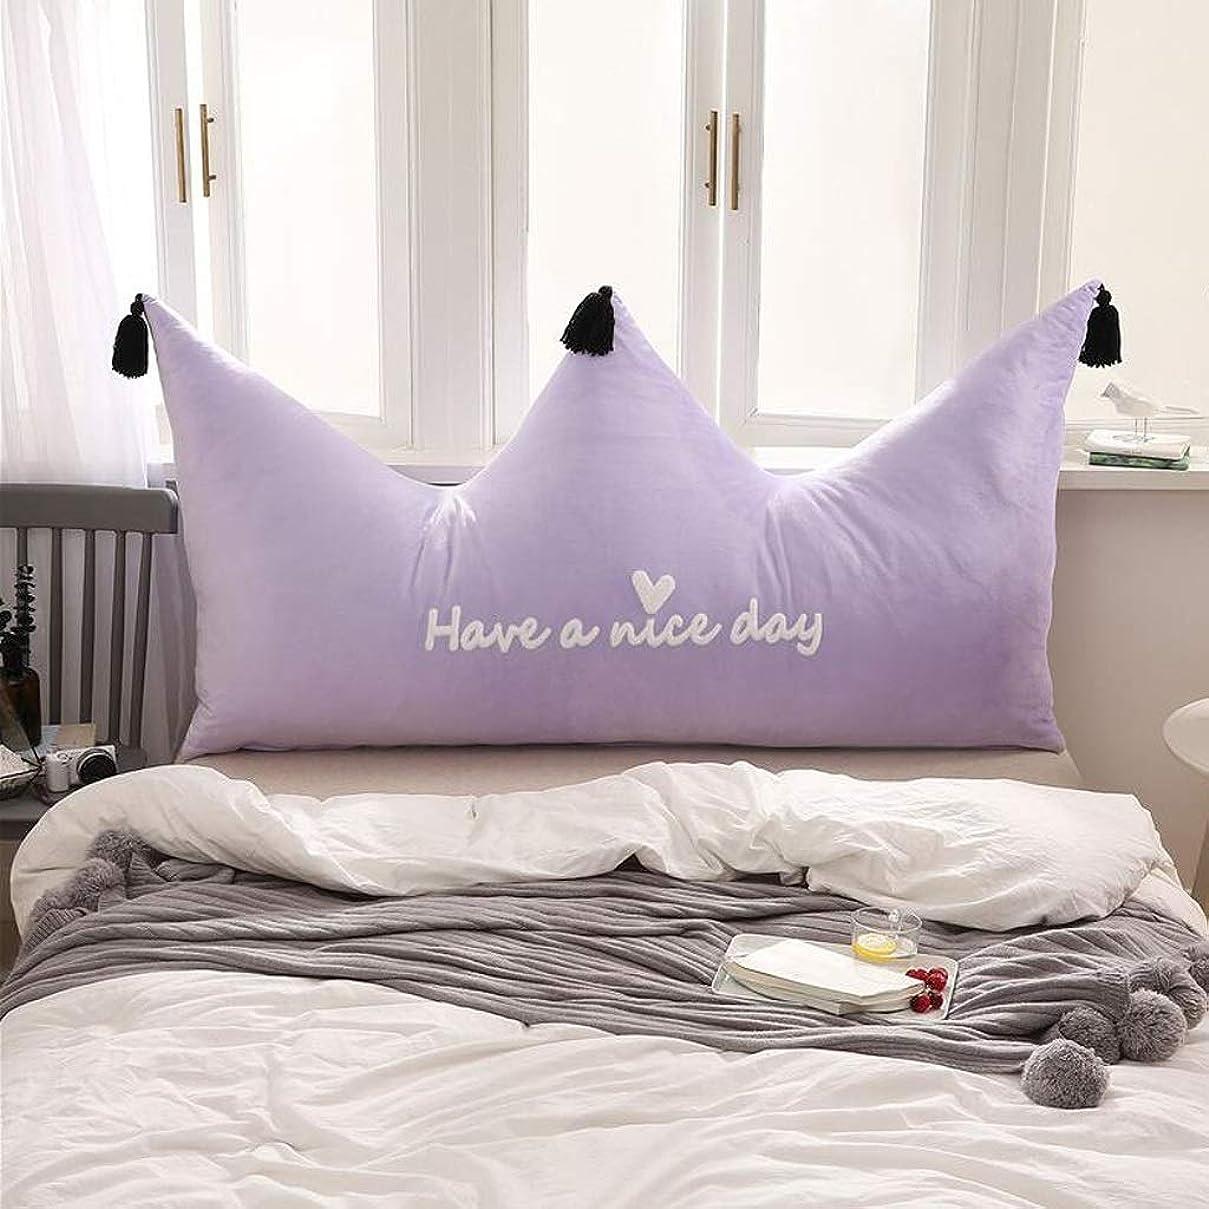 三角火傷アサートクラウン王女の風枕ソフトバッグ学生枕ベッドヘッドクッションクッション大きな背もたれ取り外し可能と洗える XLSM (Color : D, Size : 180cm)